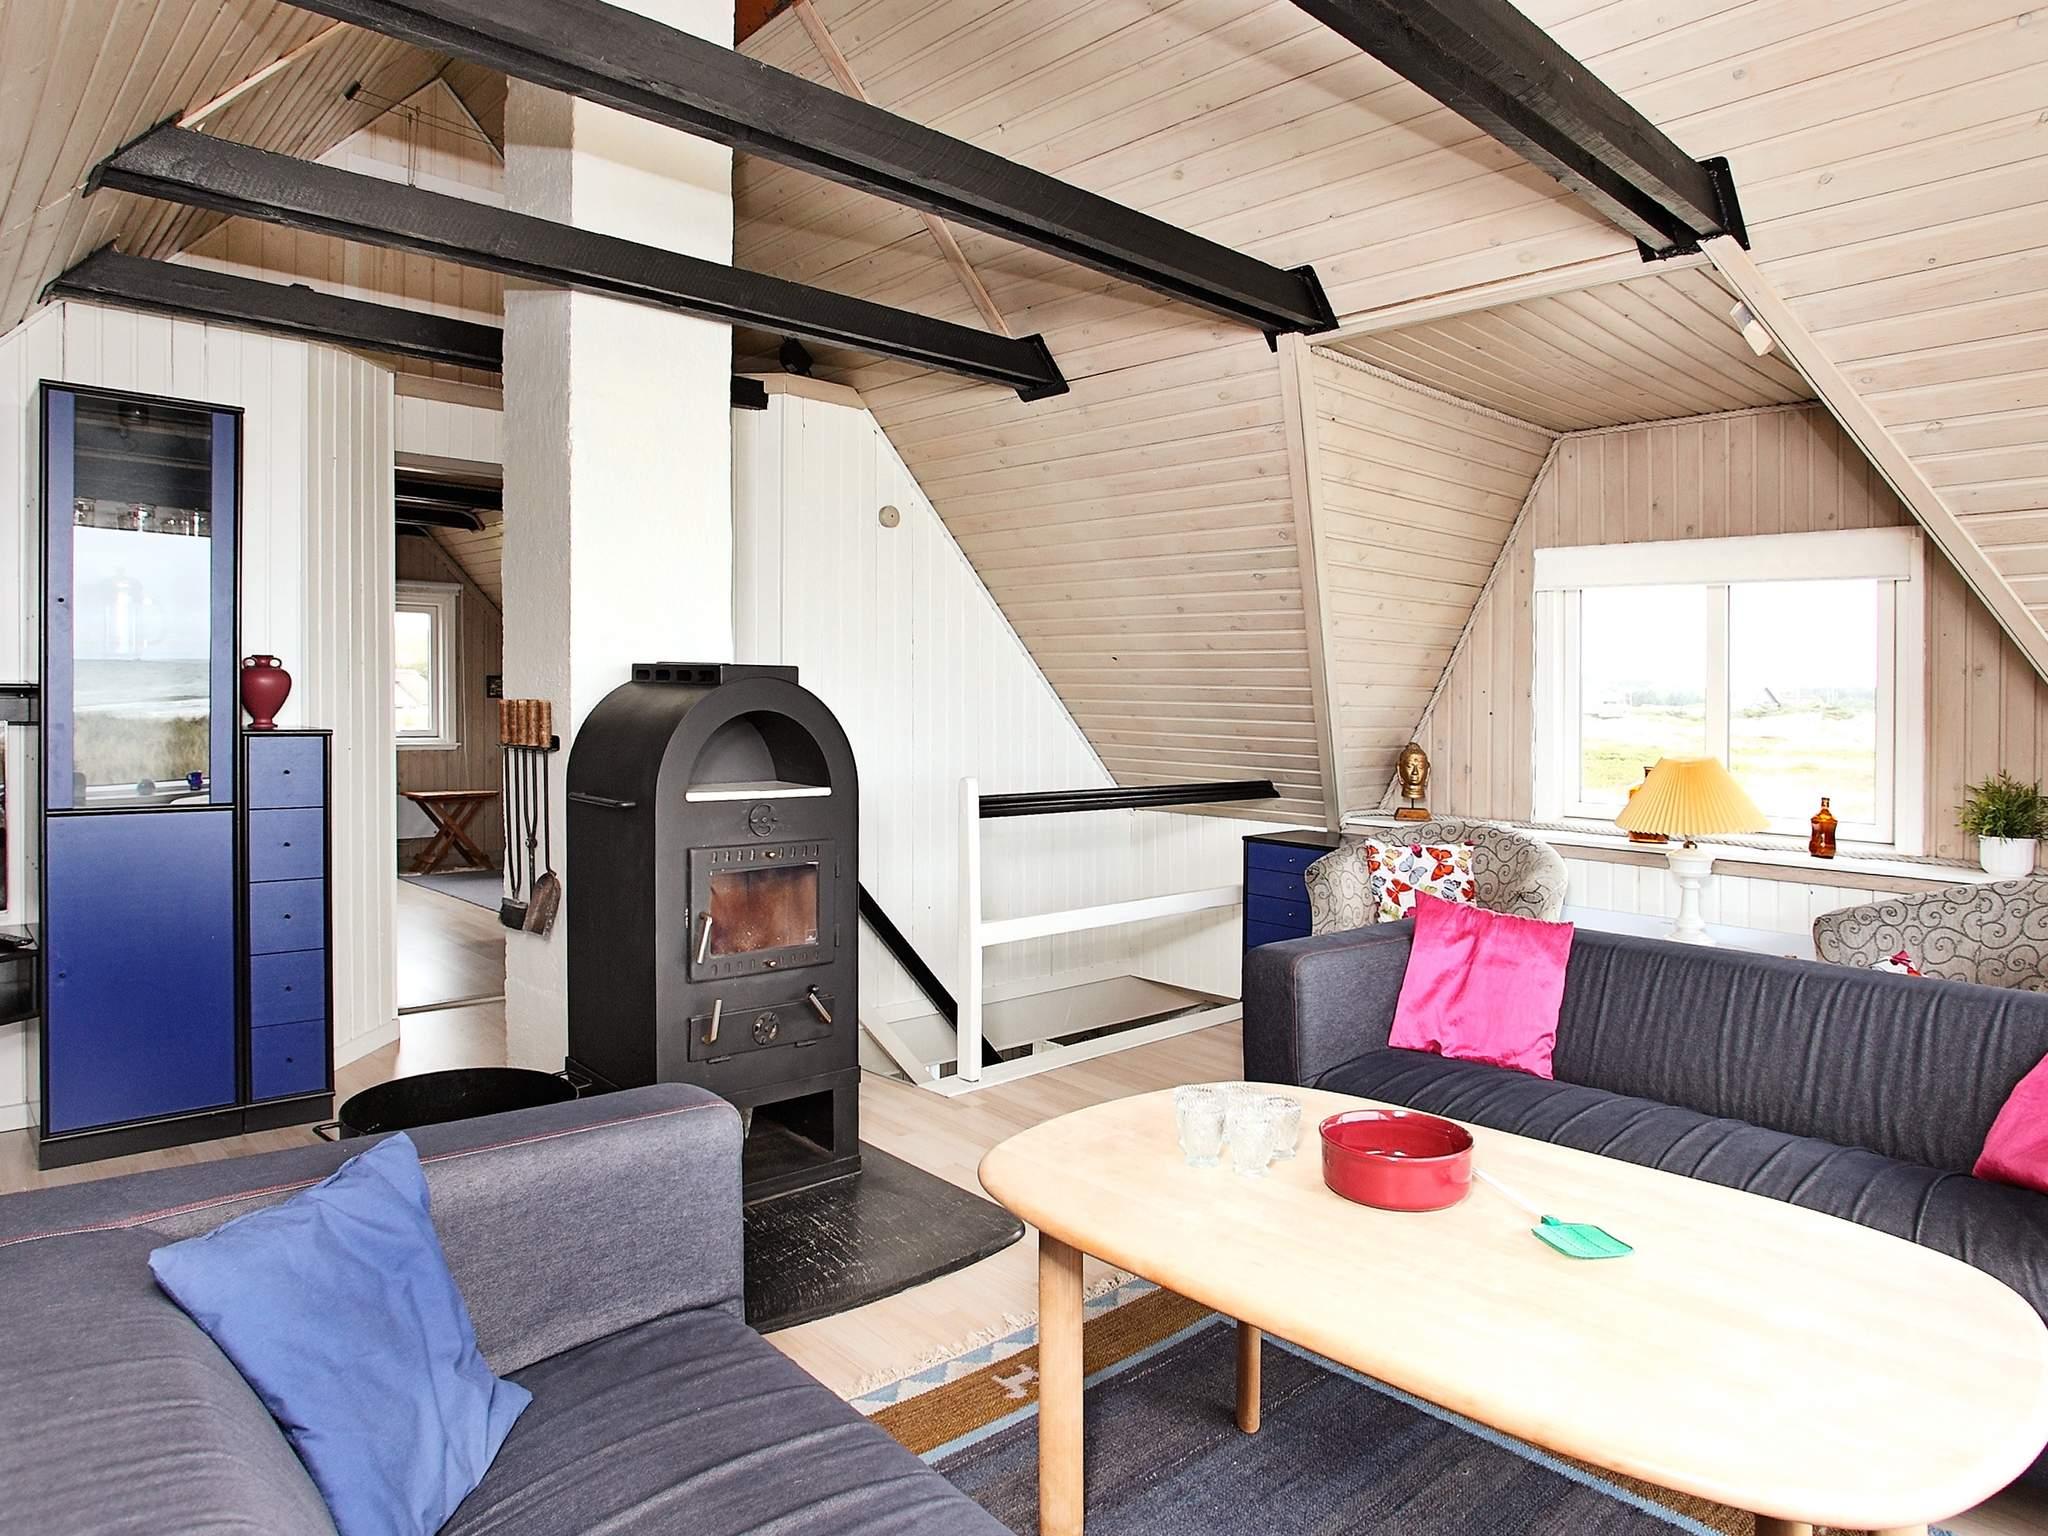 Ferienhaus Blokhus (84949), Blokhus, , Nordwestjütland, Dänemark, Bild 2